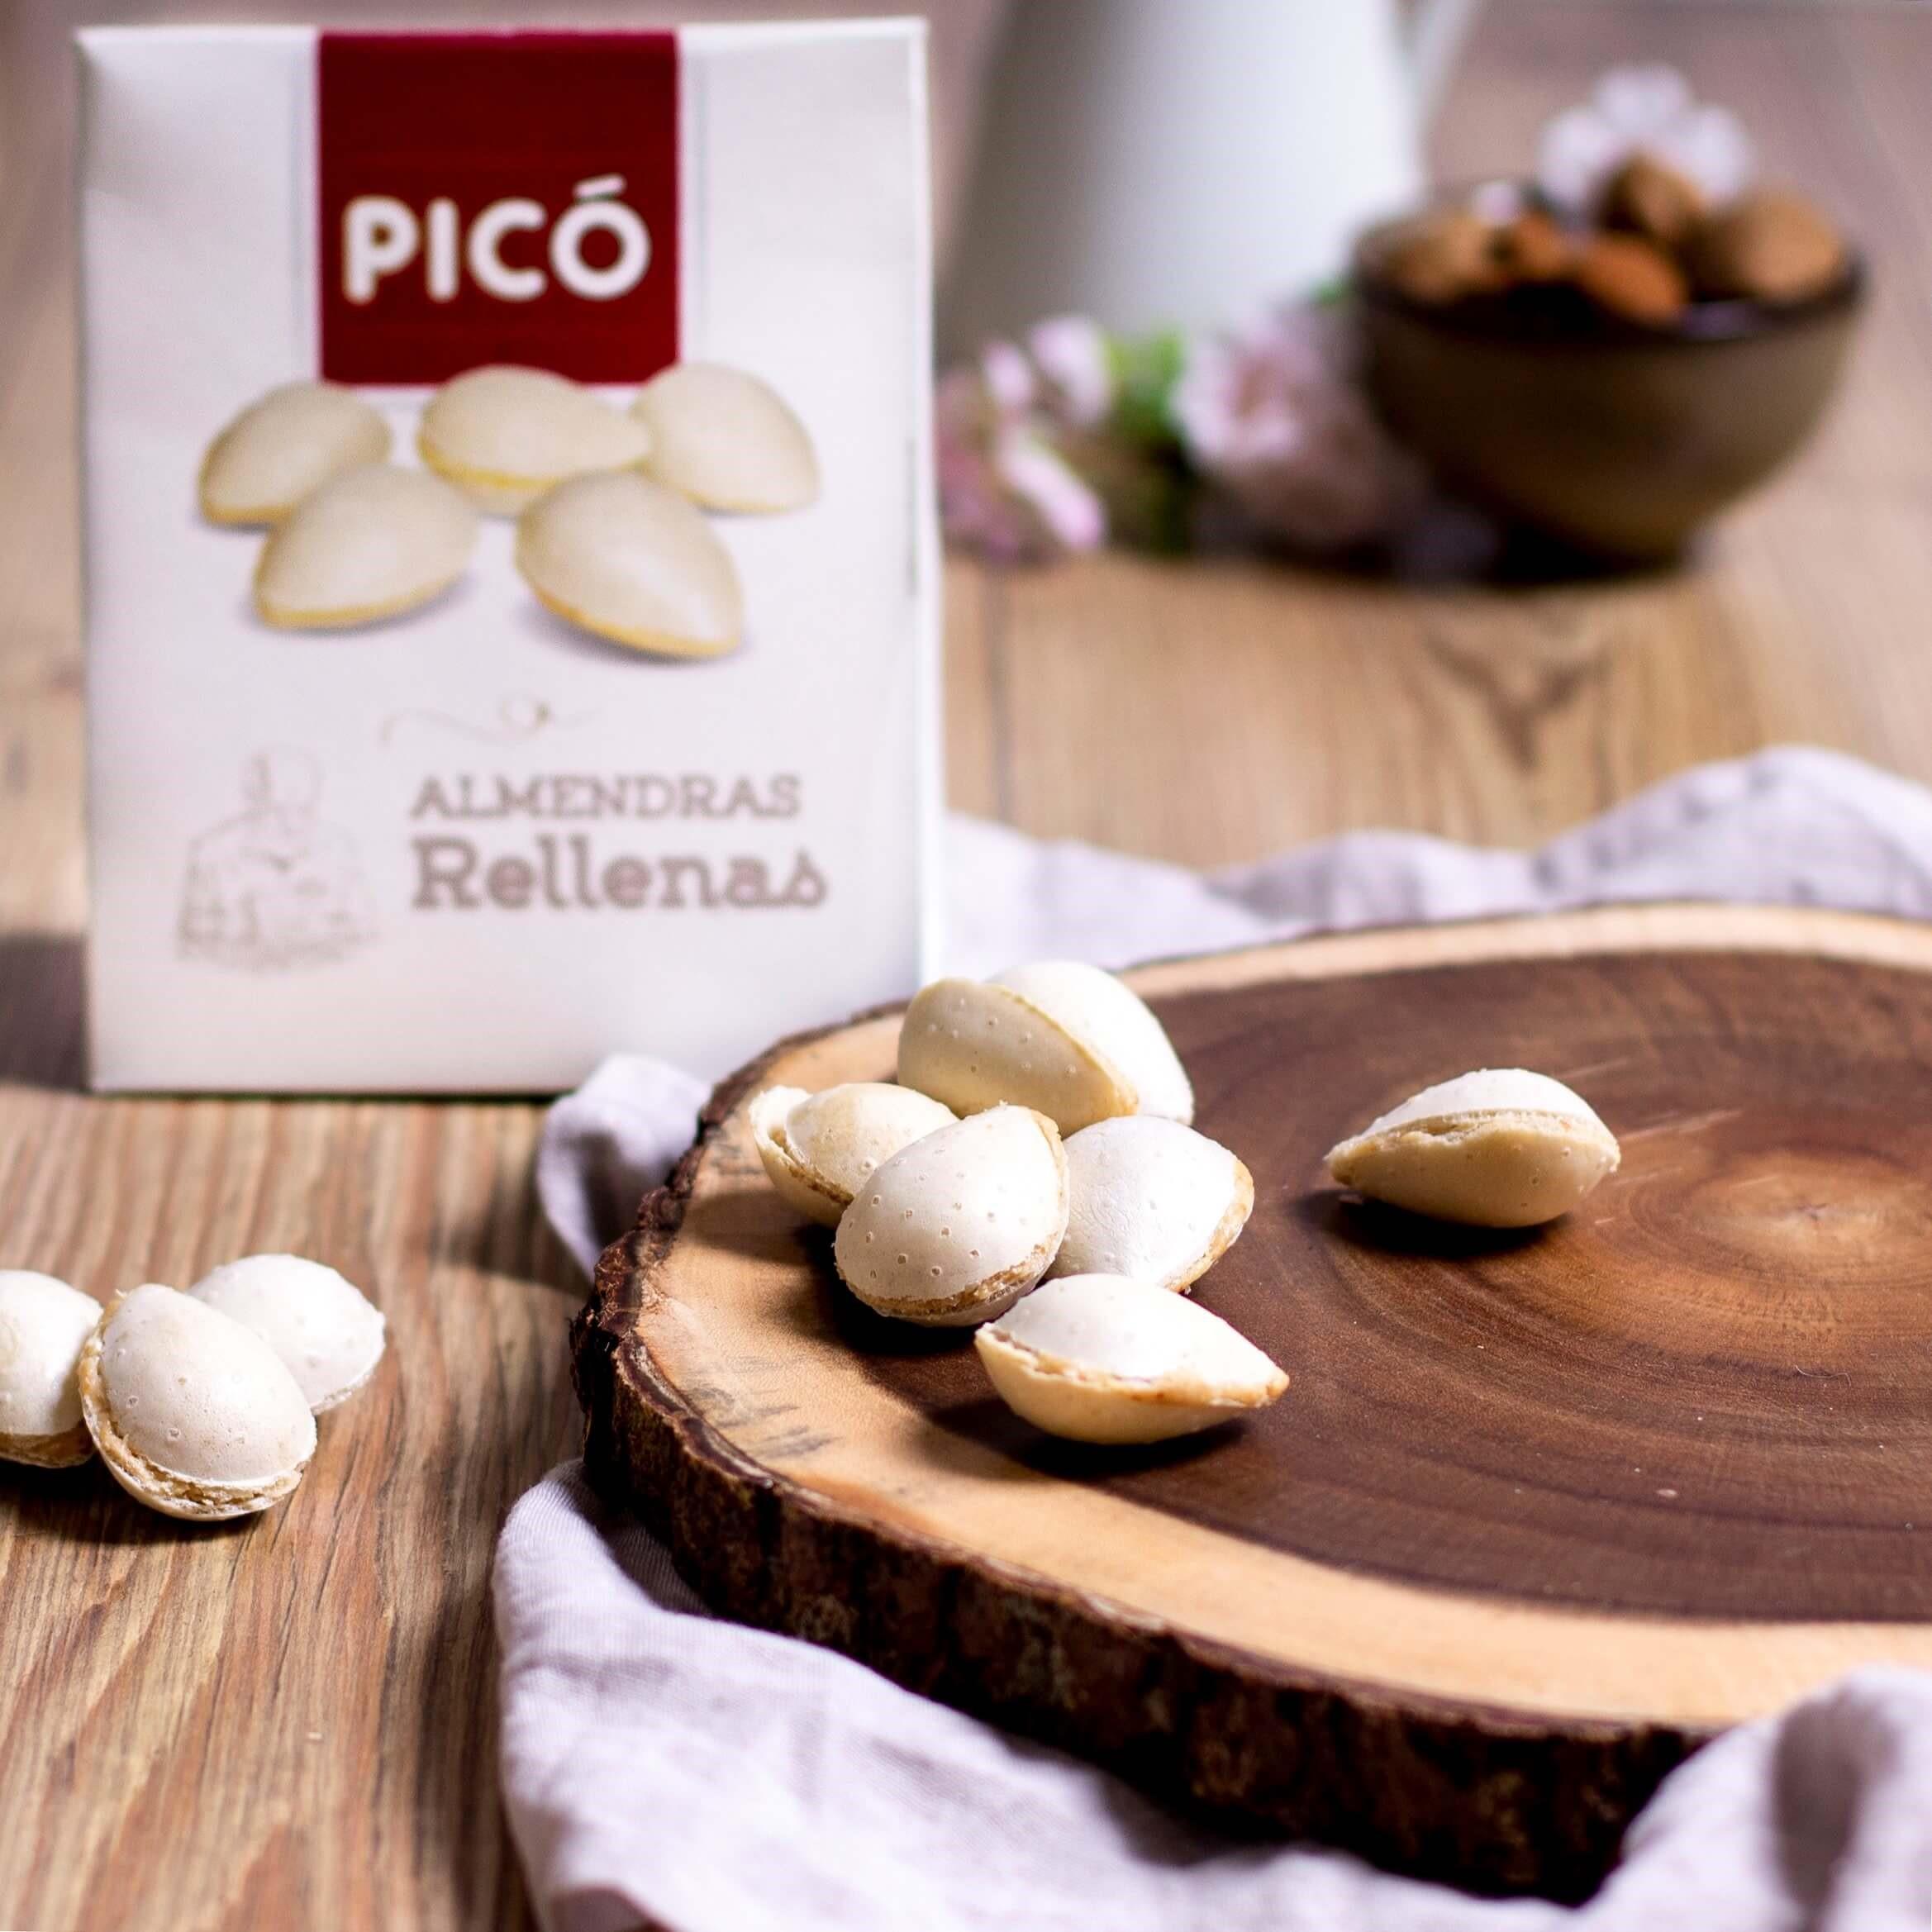 Almendritas rellenas de turrón de Jijona de Turrones Picó ideales para comer en verano